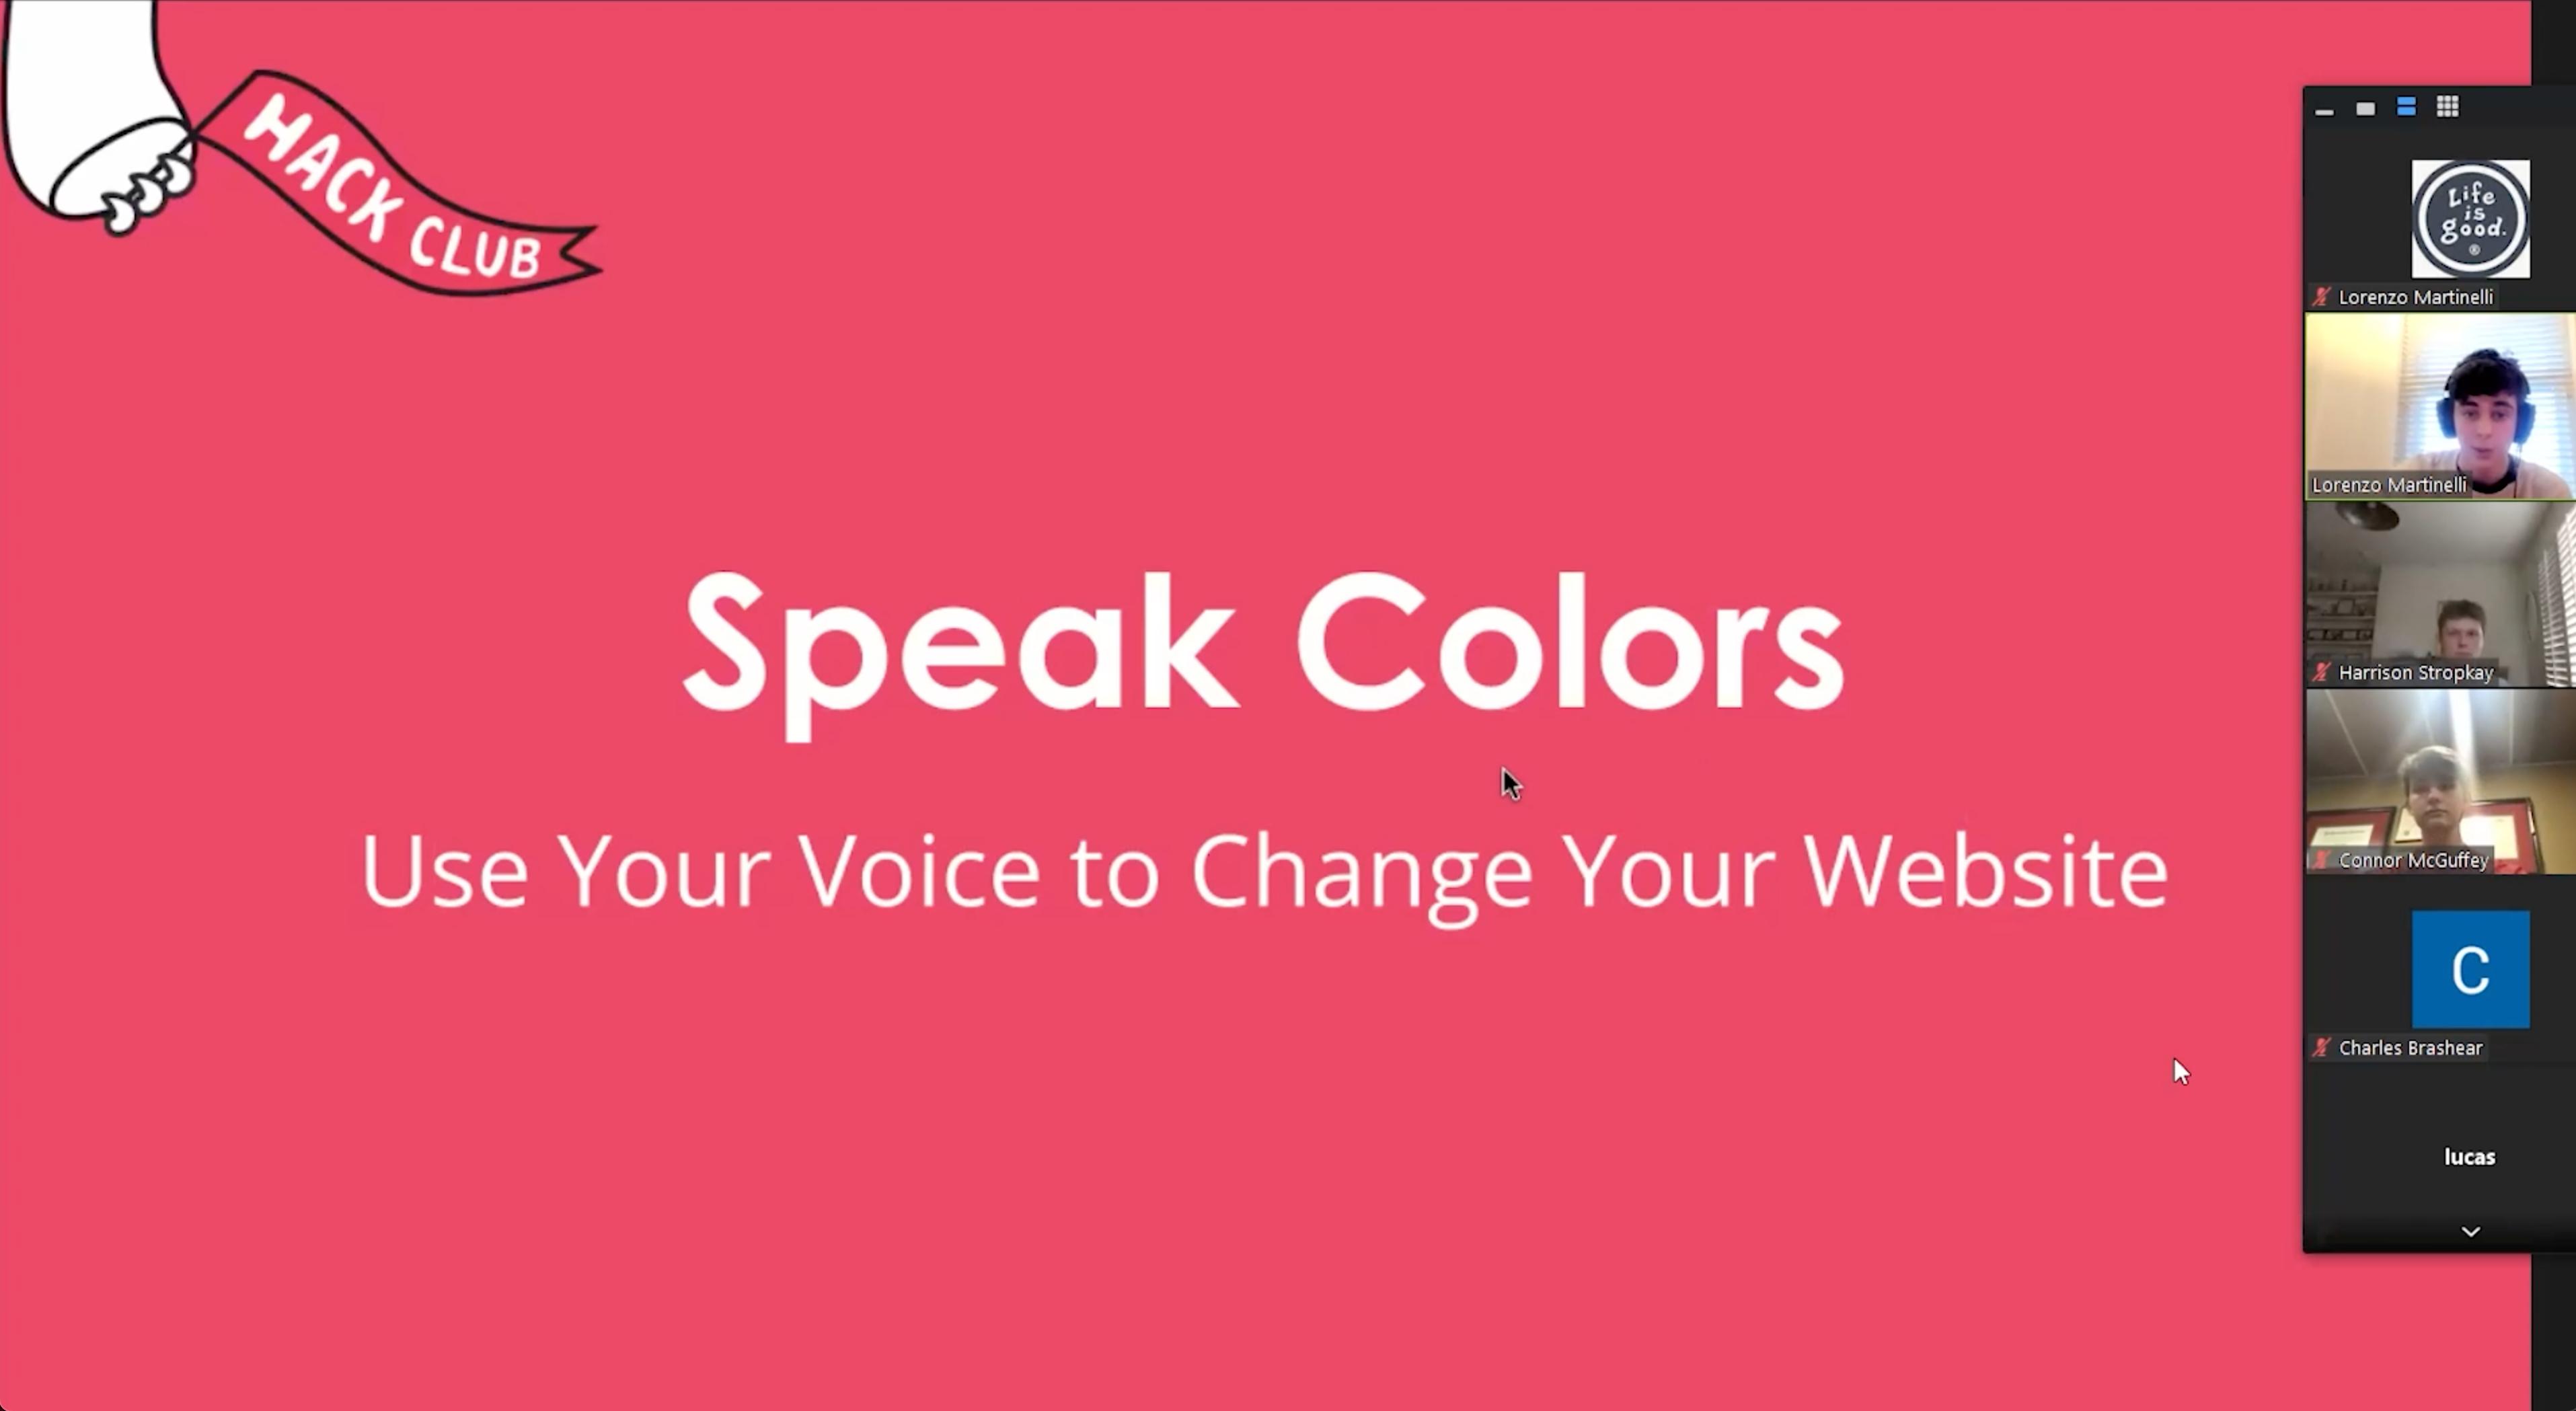 Speak Colors demo